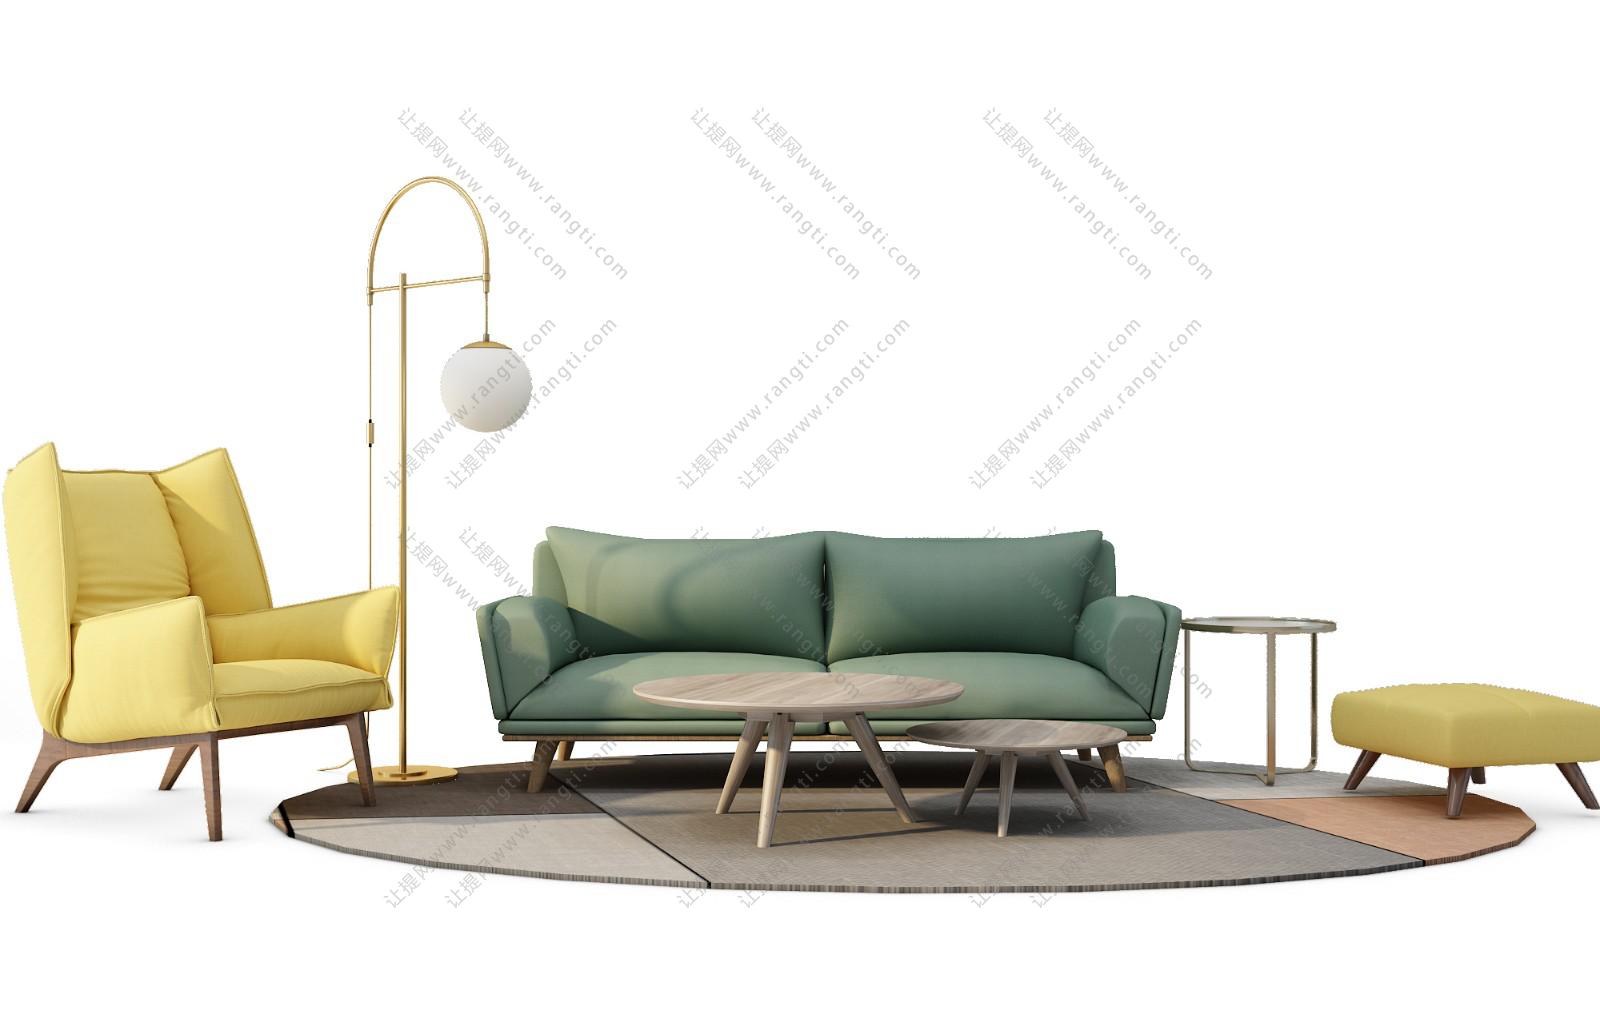 北欧现代沙发、茶几和落地灯组合3D模型